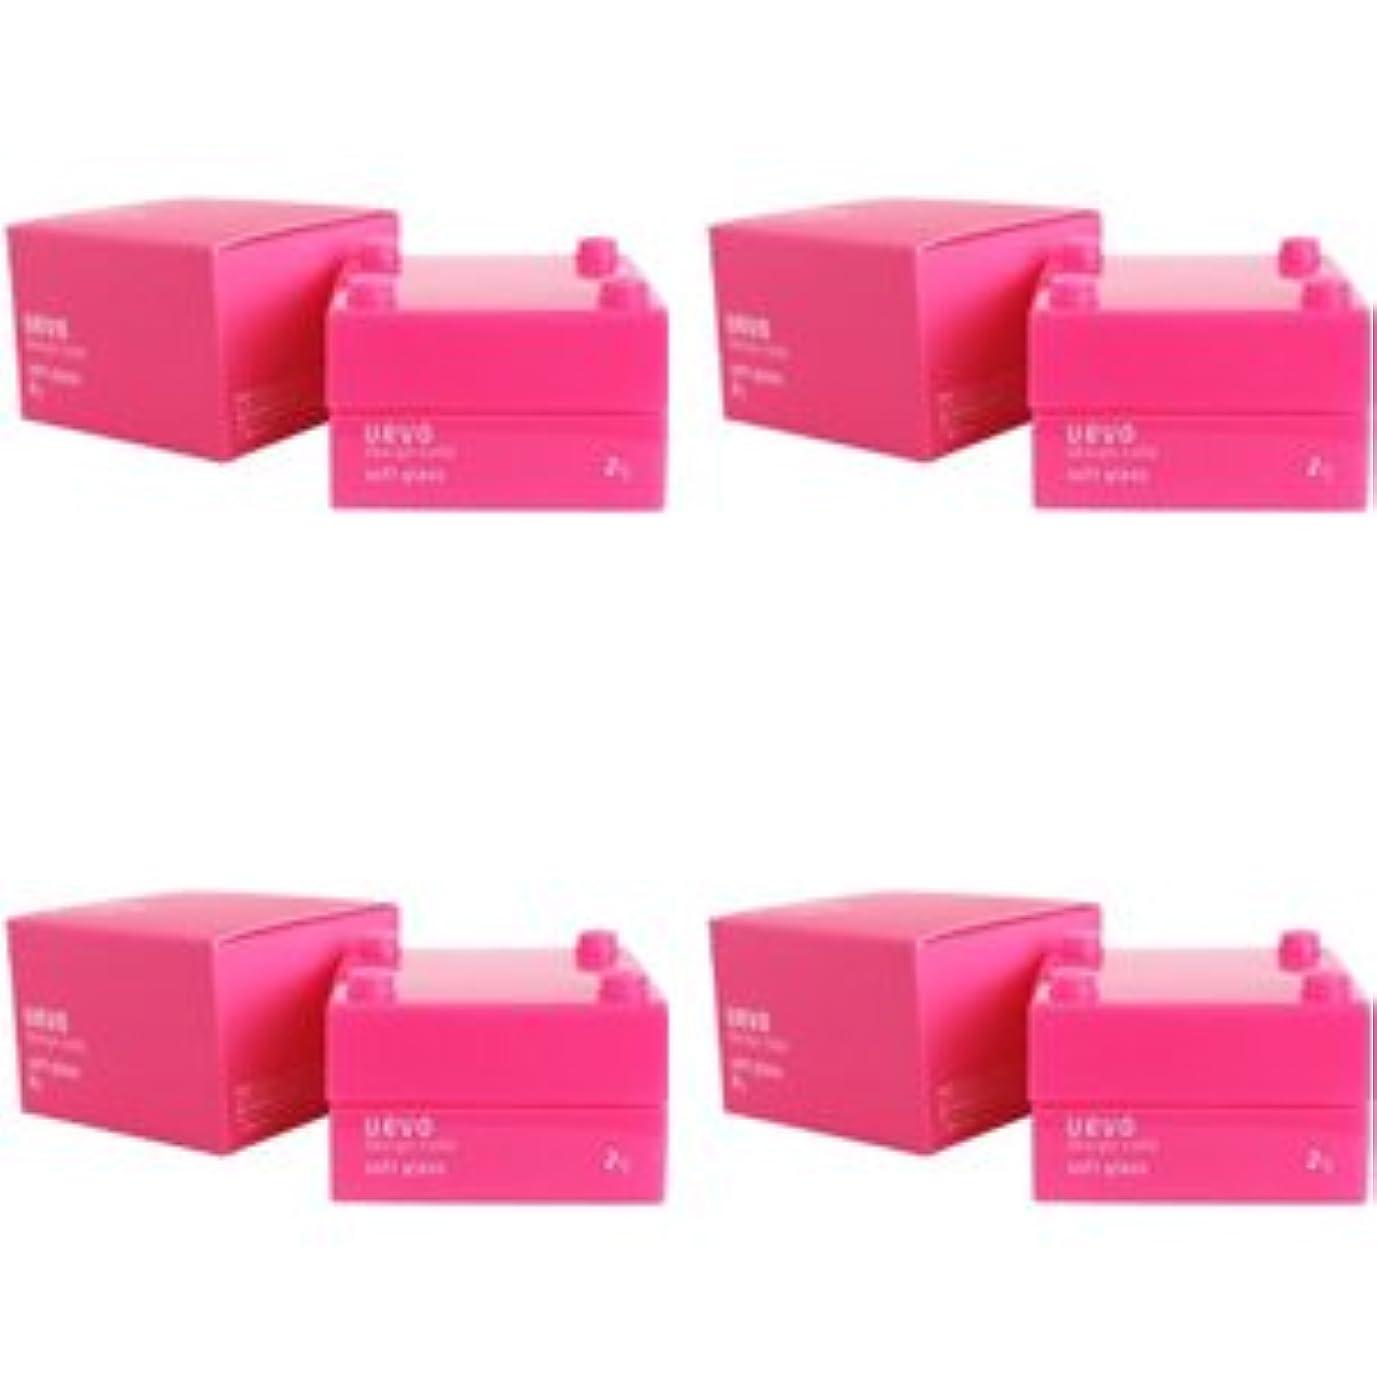 相関するかなりラウズ【X4個セット】 デミ ウェーボ デザインキューブ ソフトグロス 30g soft gloss DEMI uevo design cube